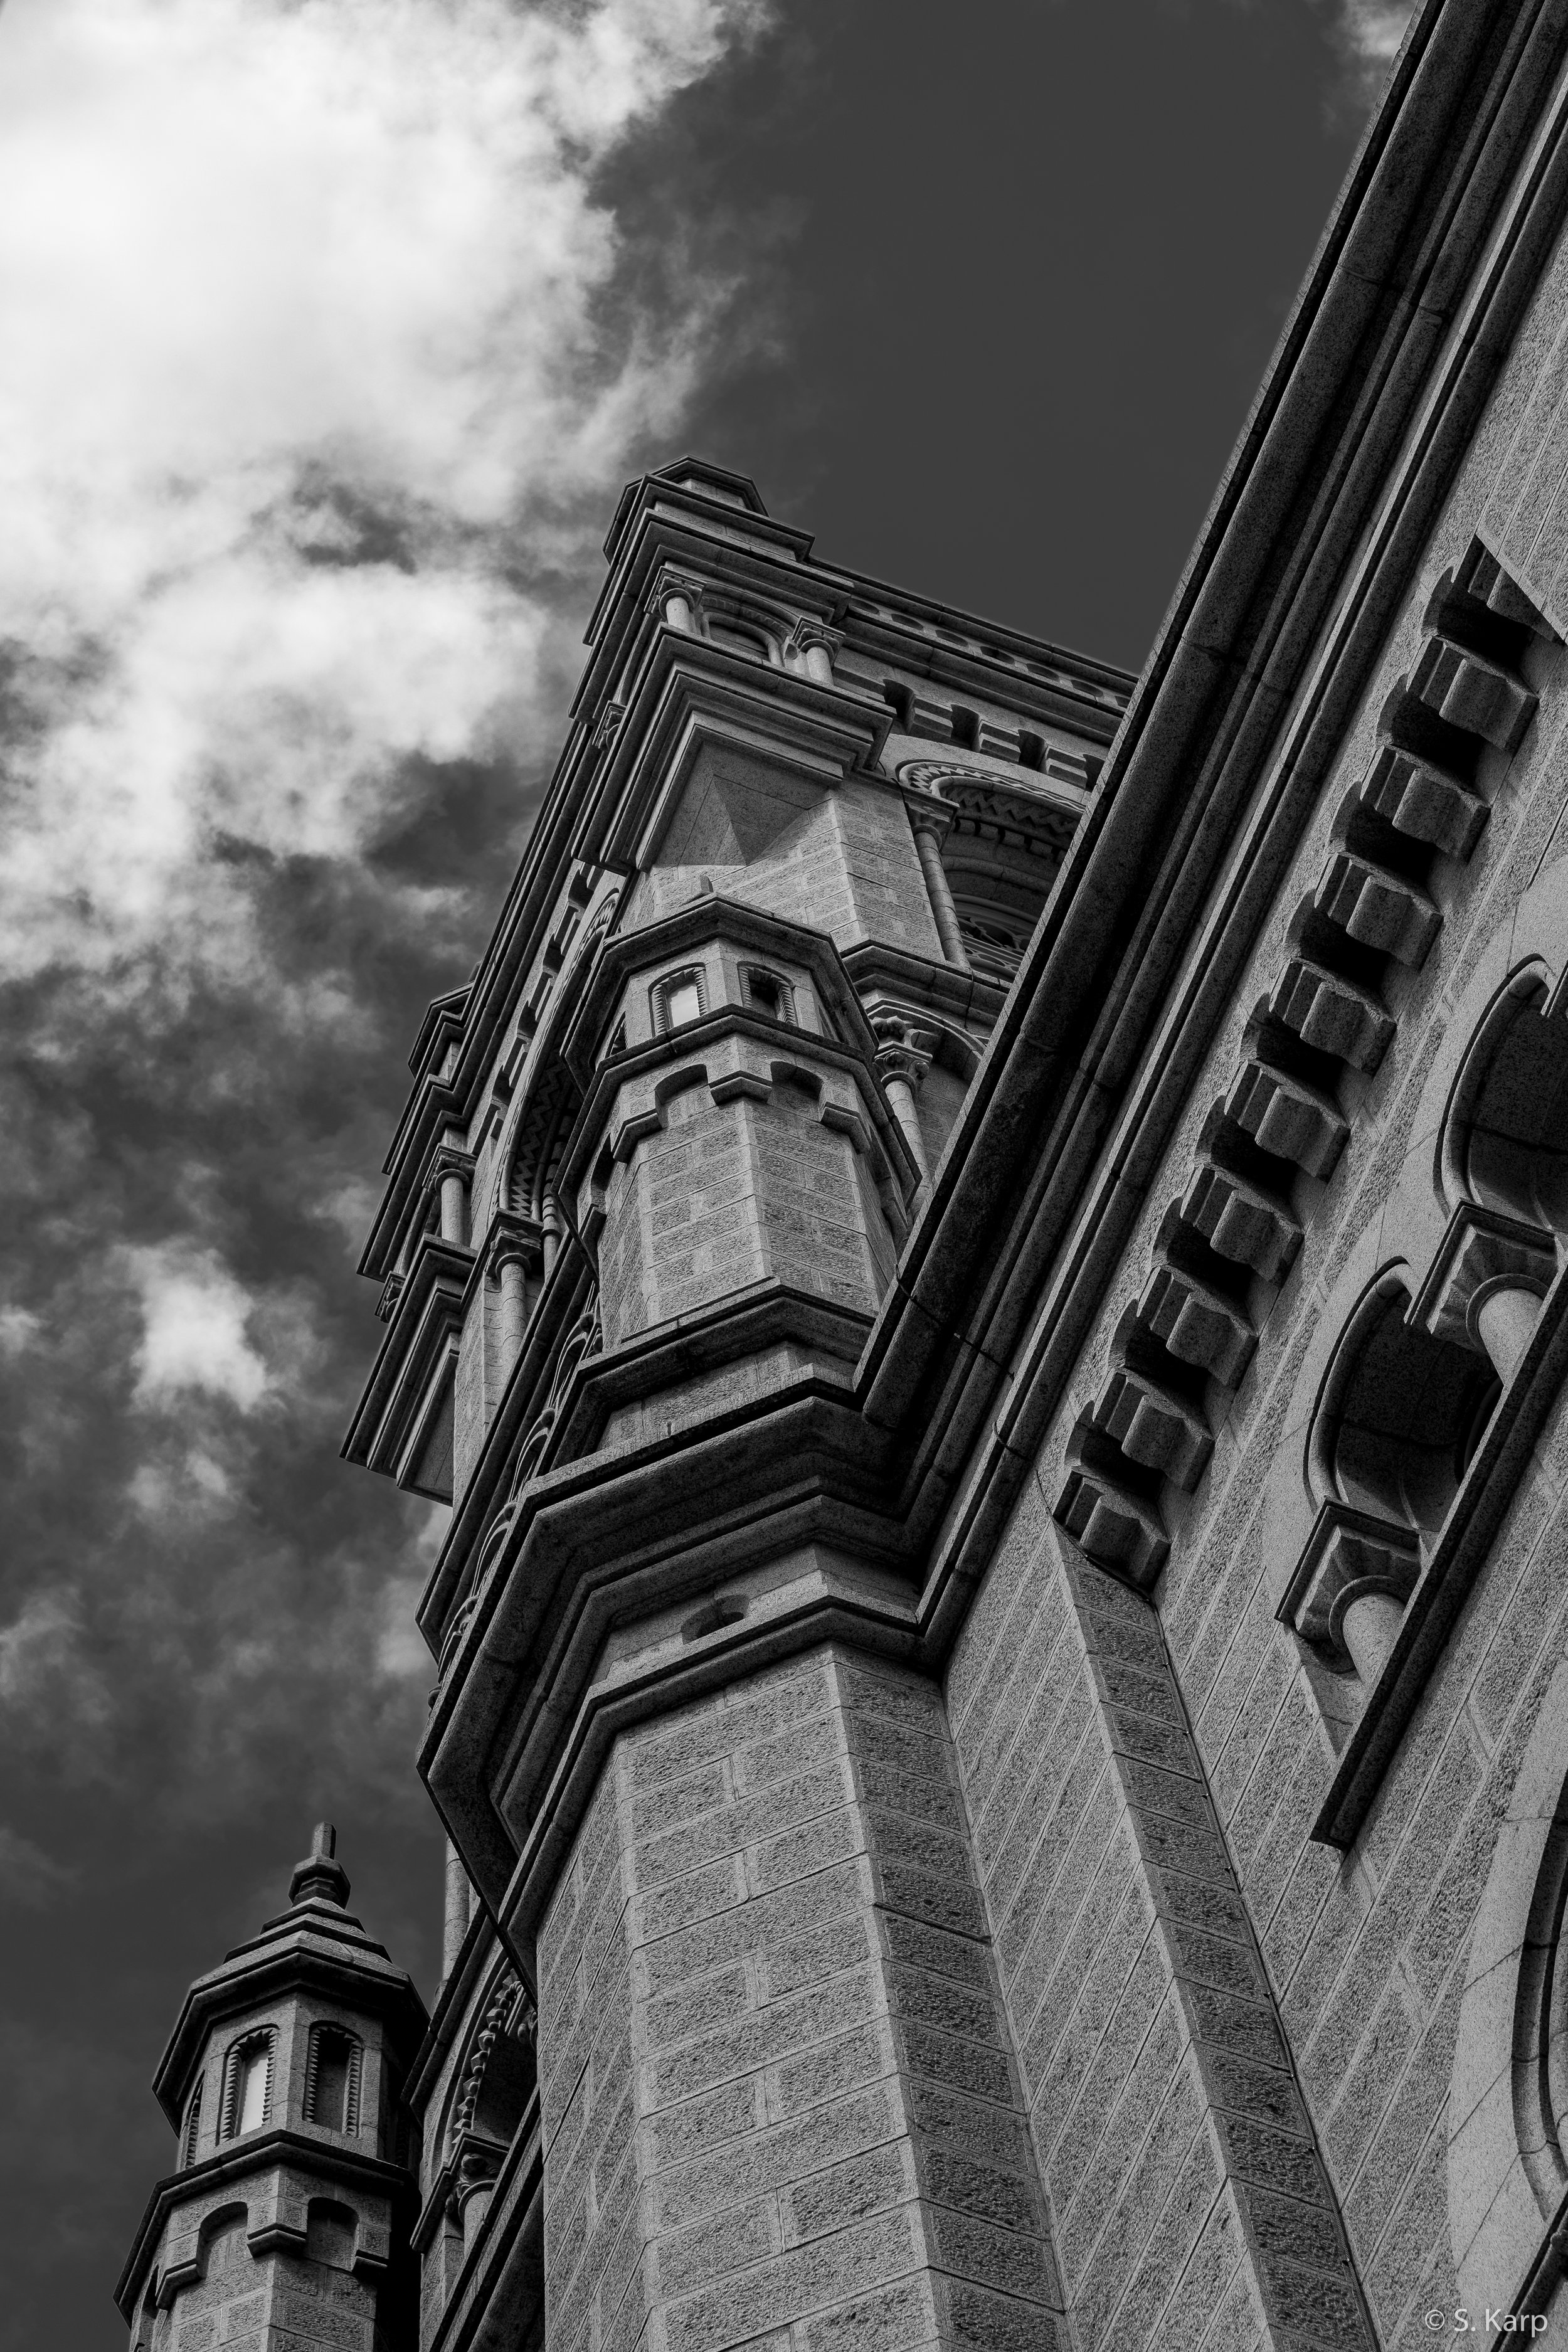 Masonic Temple, Philadelphia, PA. ©2019 Karp